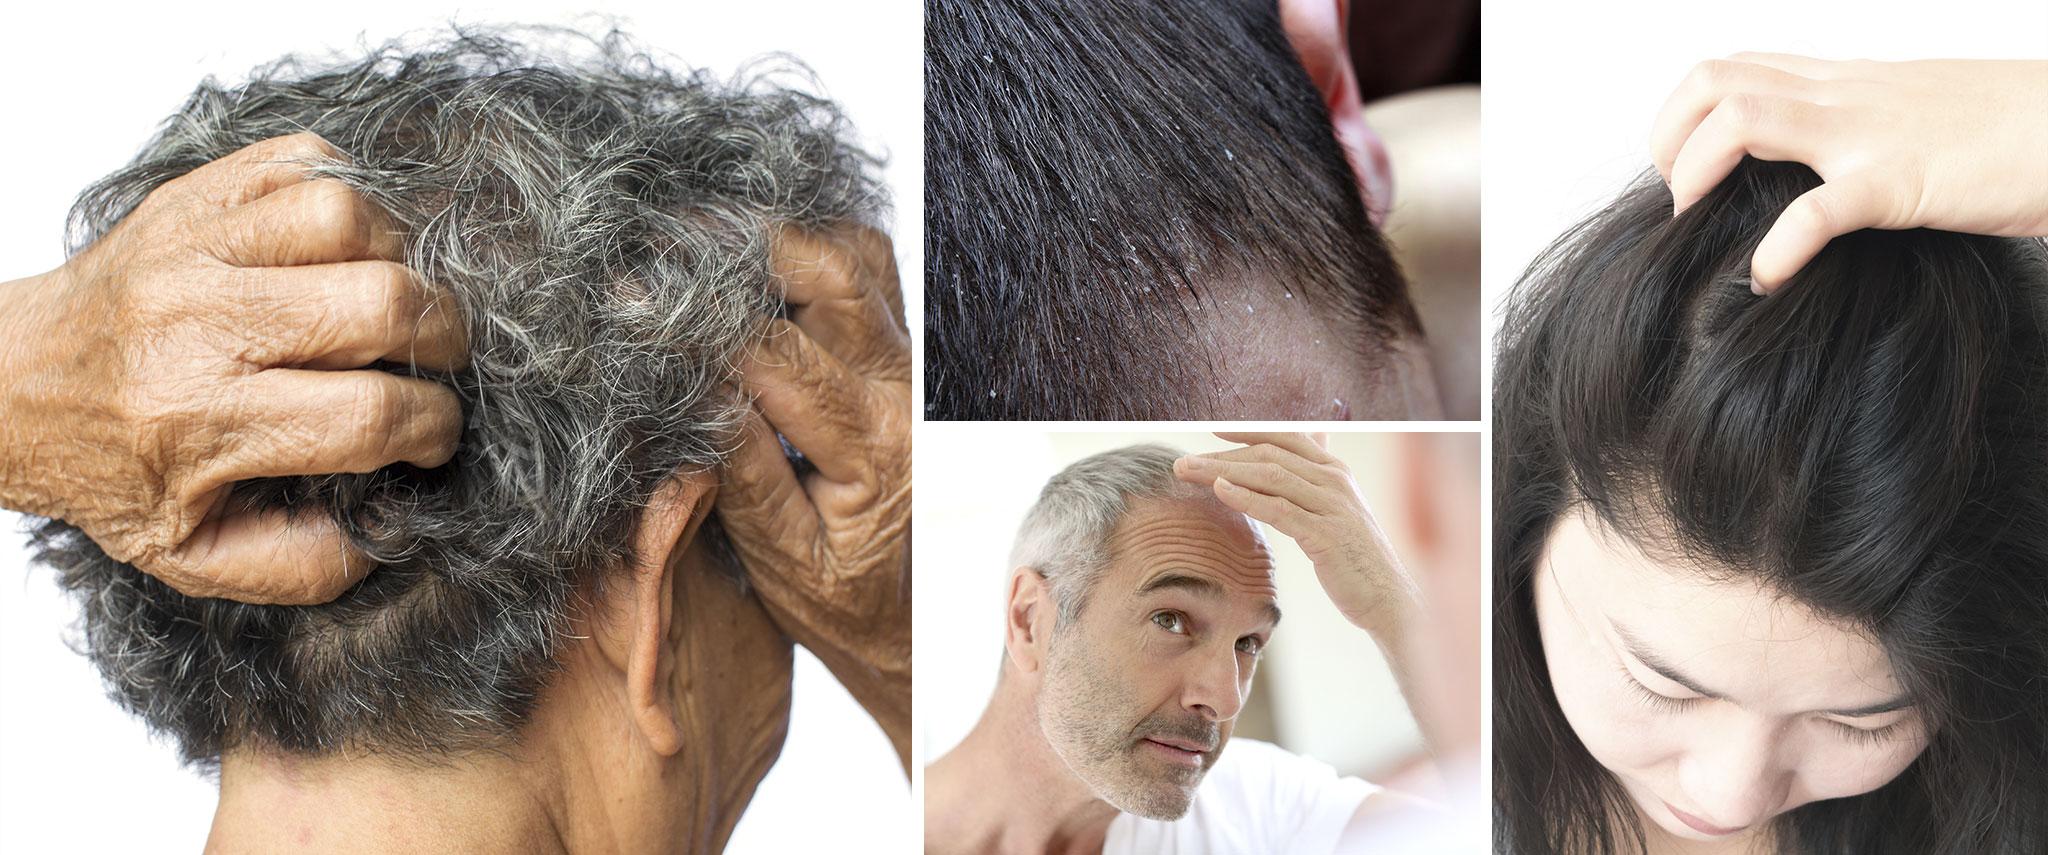 hair-main.jpg